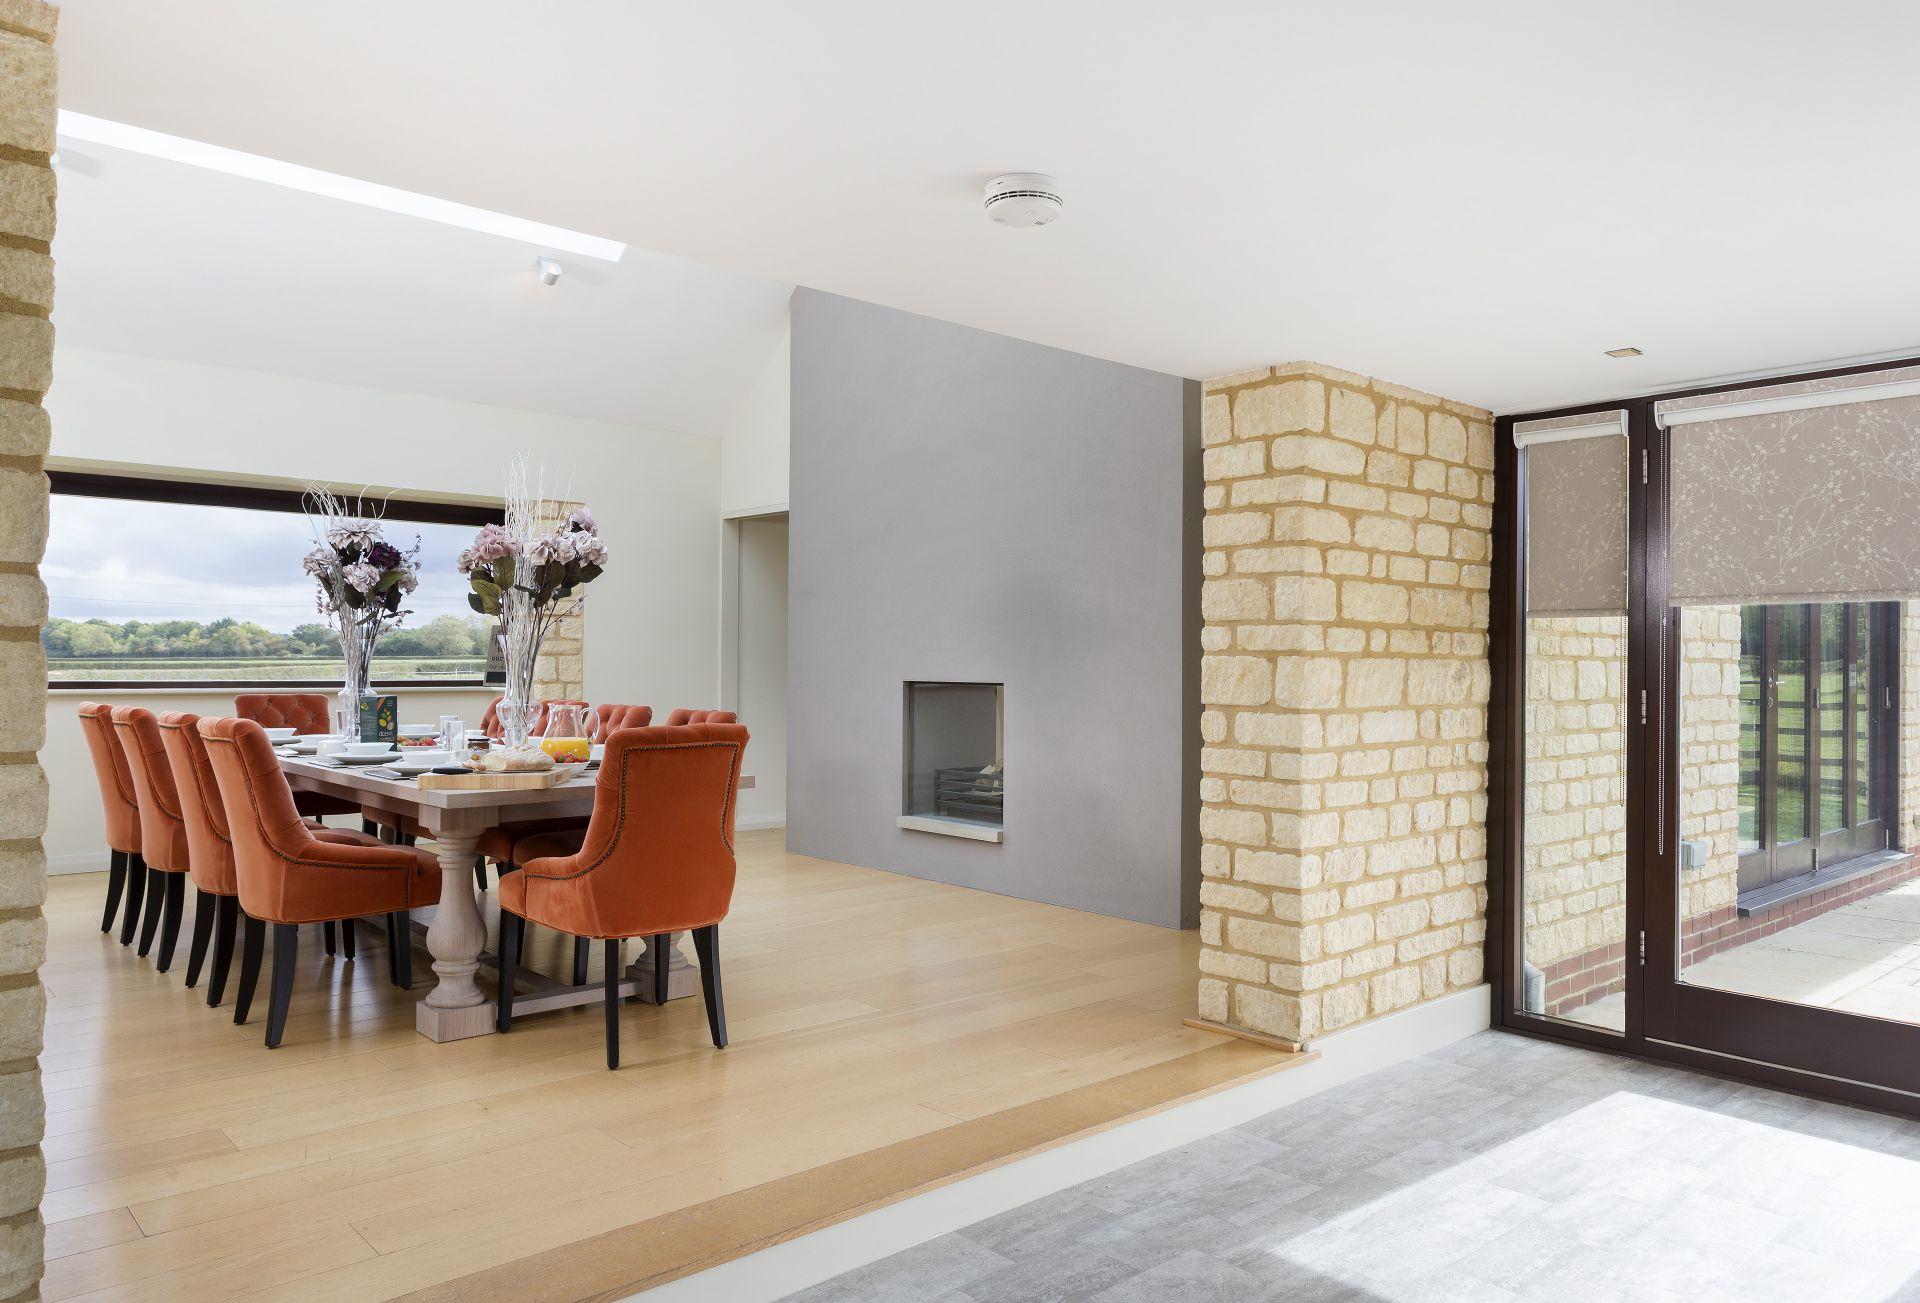 Ground floor: Open-plan walkway with floor to ceiling windows for maximum light